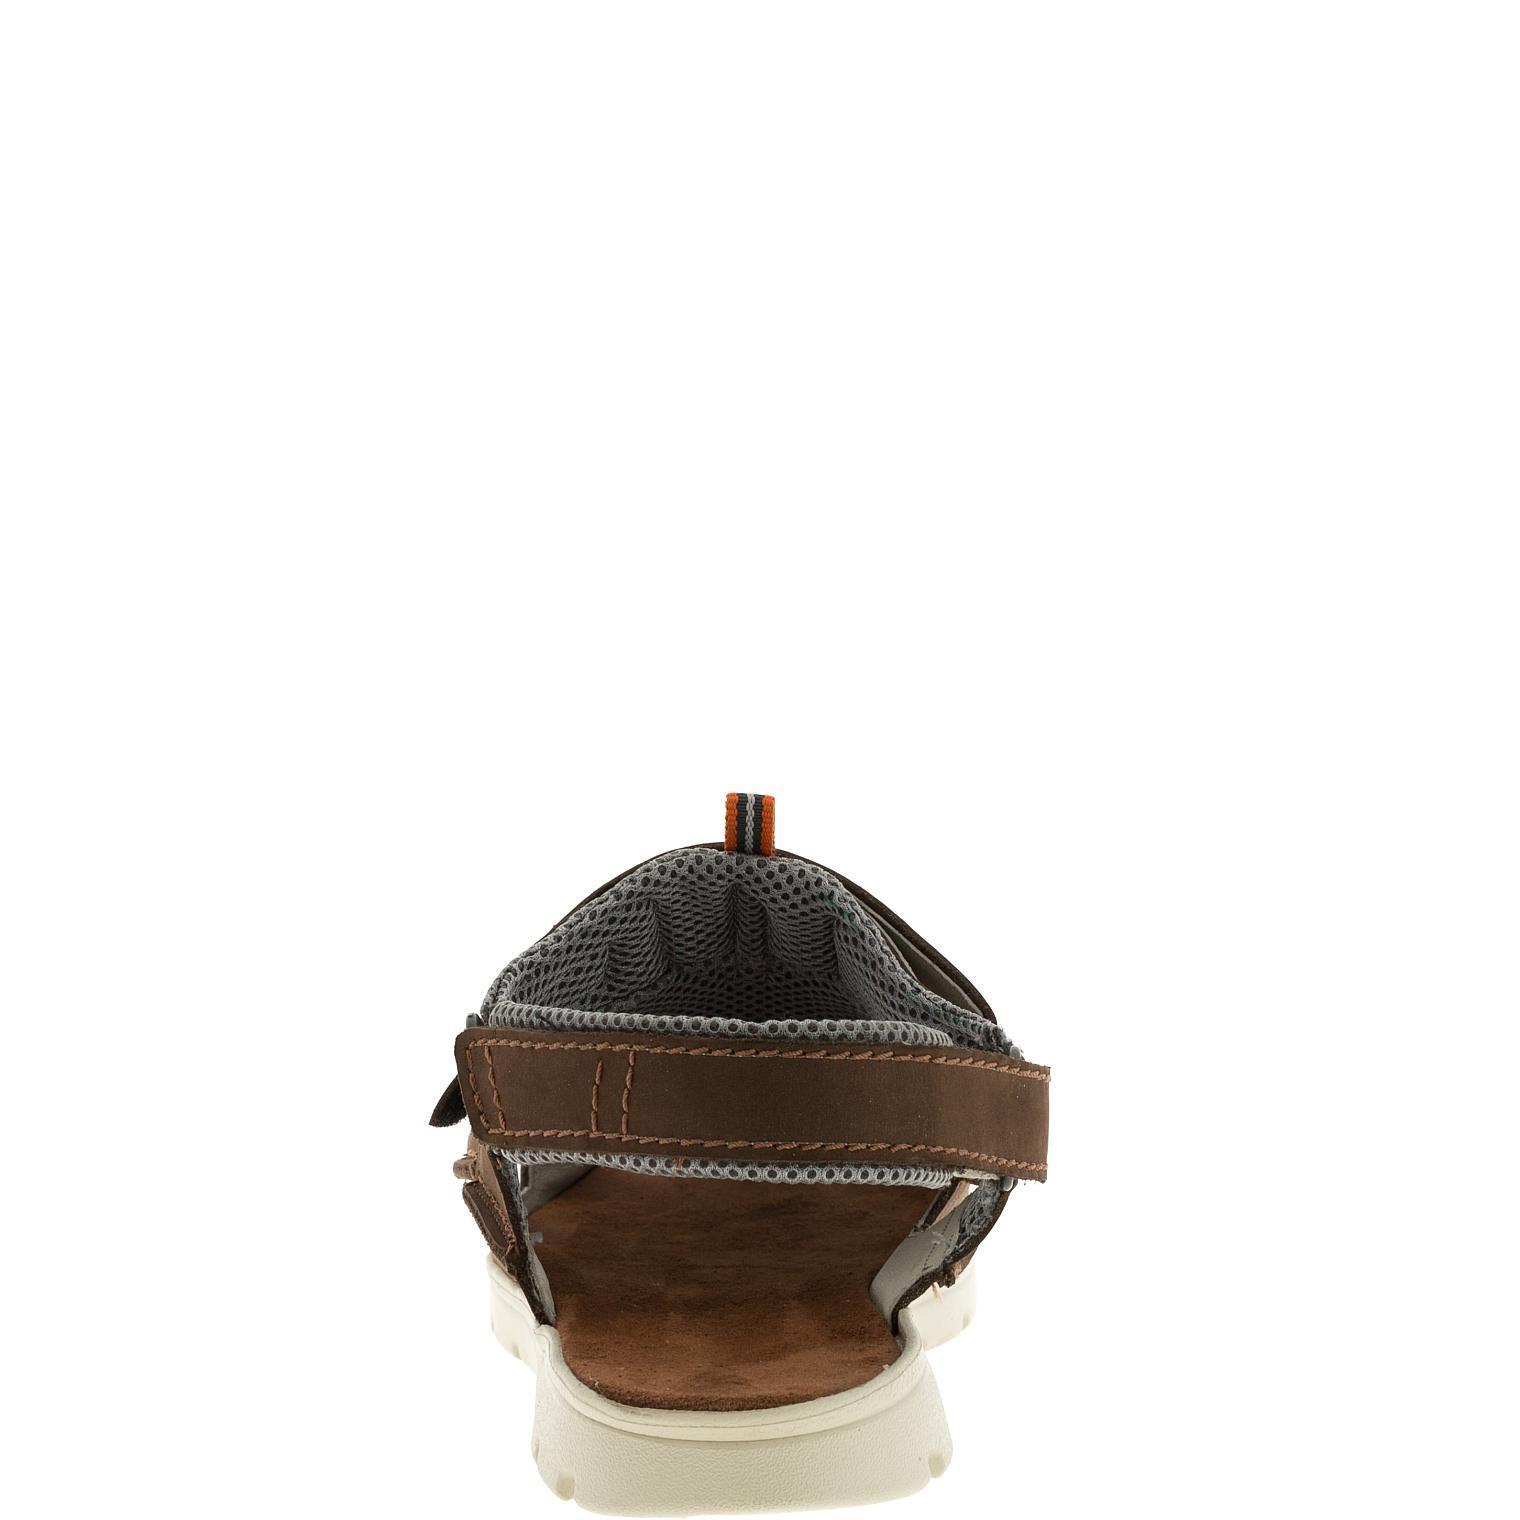 585285 сандалии мужские коричневые больших размеров марки Делфино